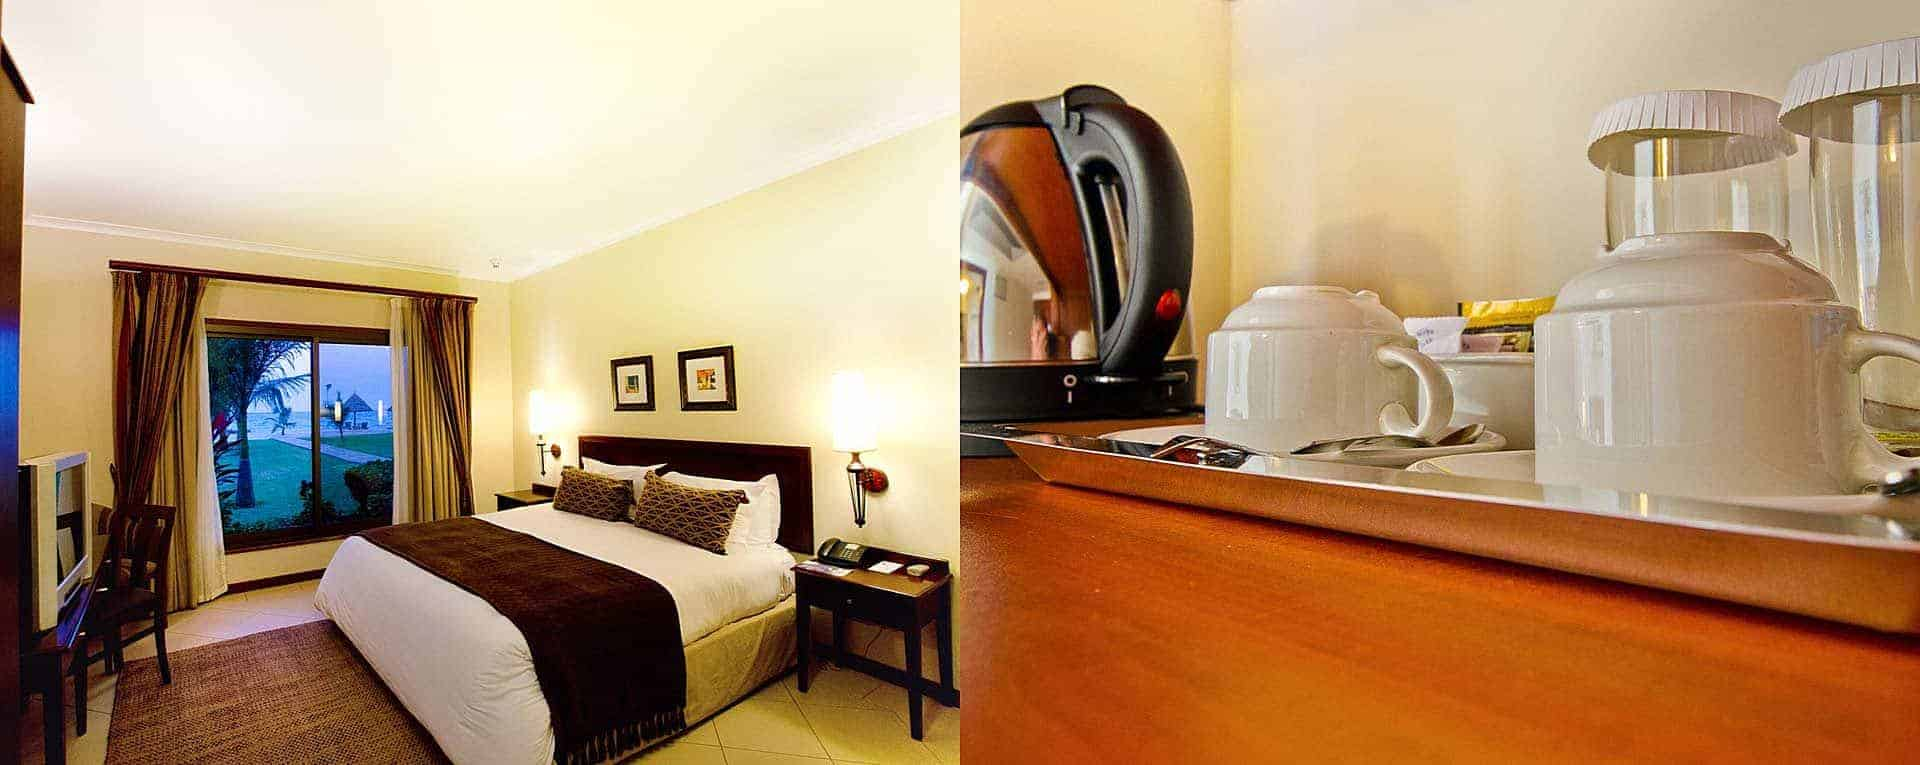 hotelwhitesands3